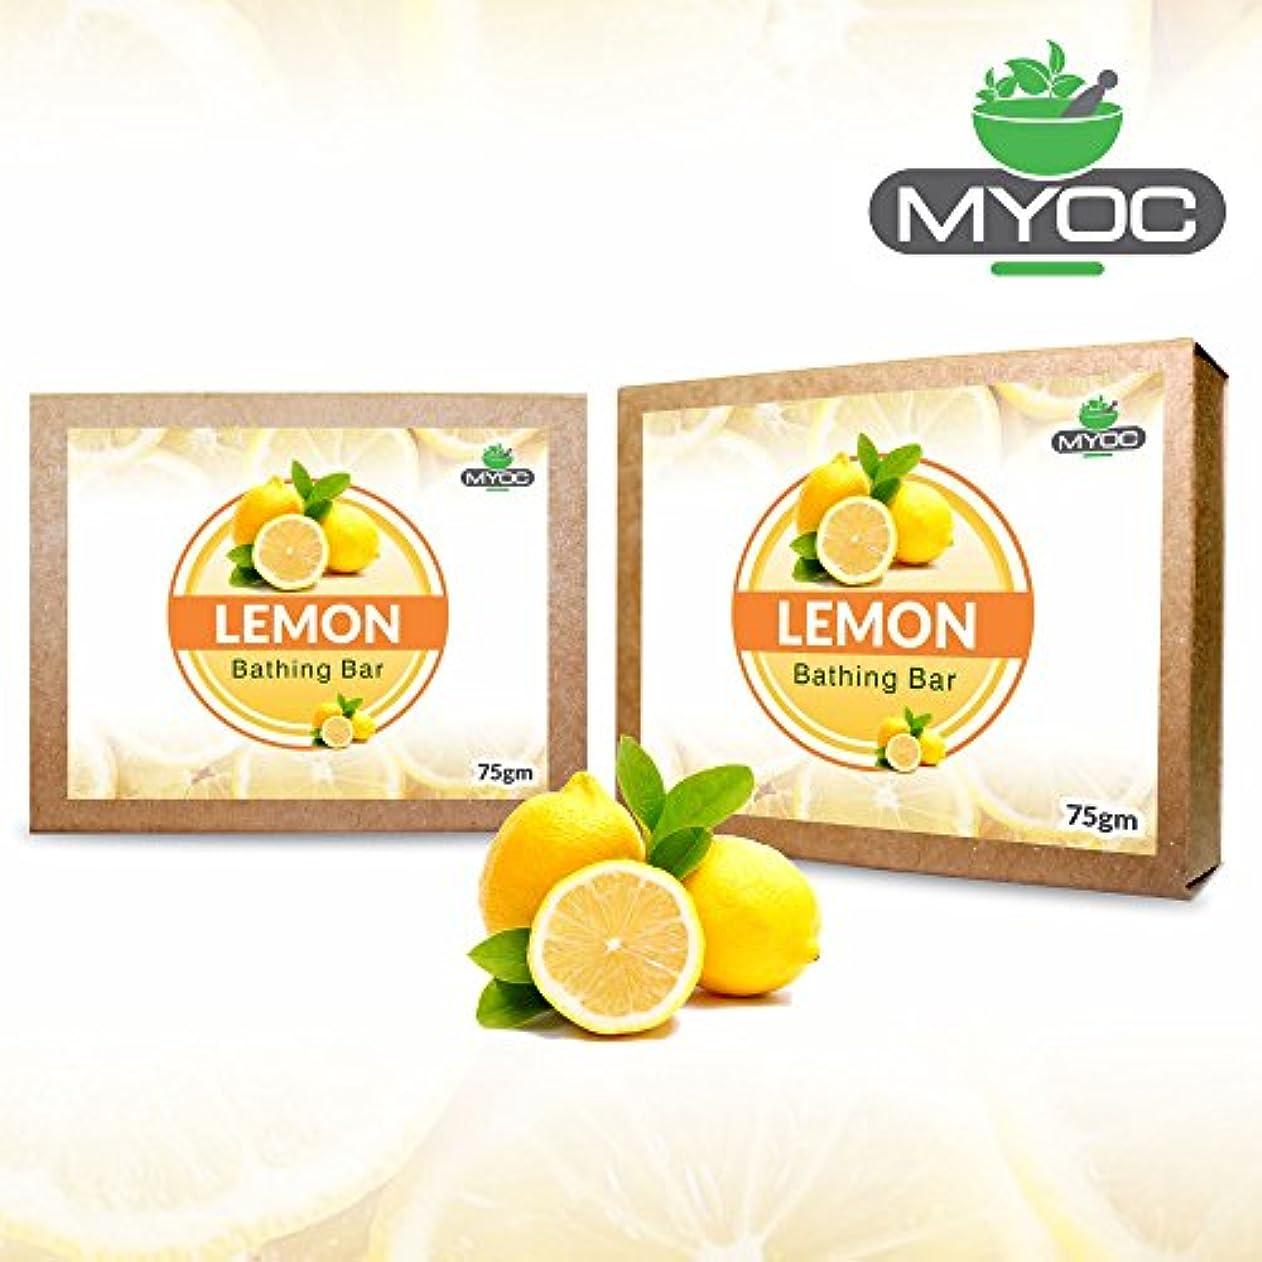 する必要がある市の中心部一元化するLemon Oil And Vitamin E Astringent Soap, deodorant, antiseptic soap for clogged pores and acne prone skin 75g...